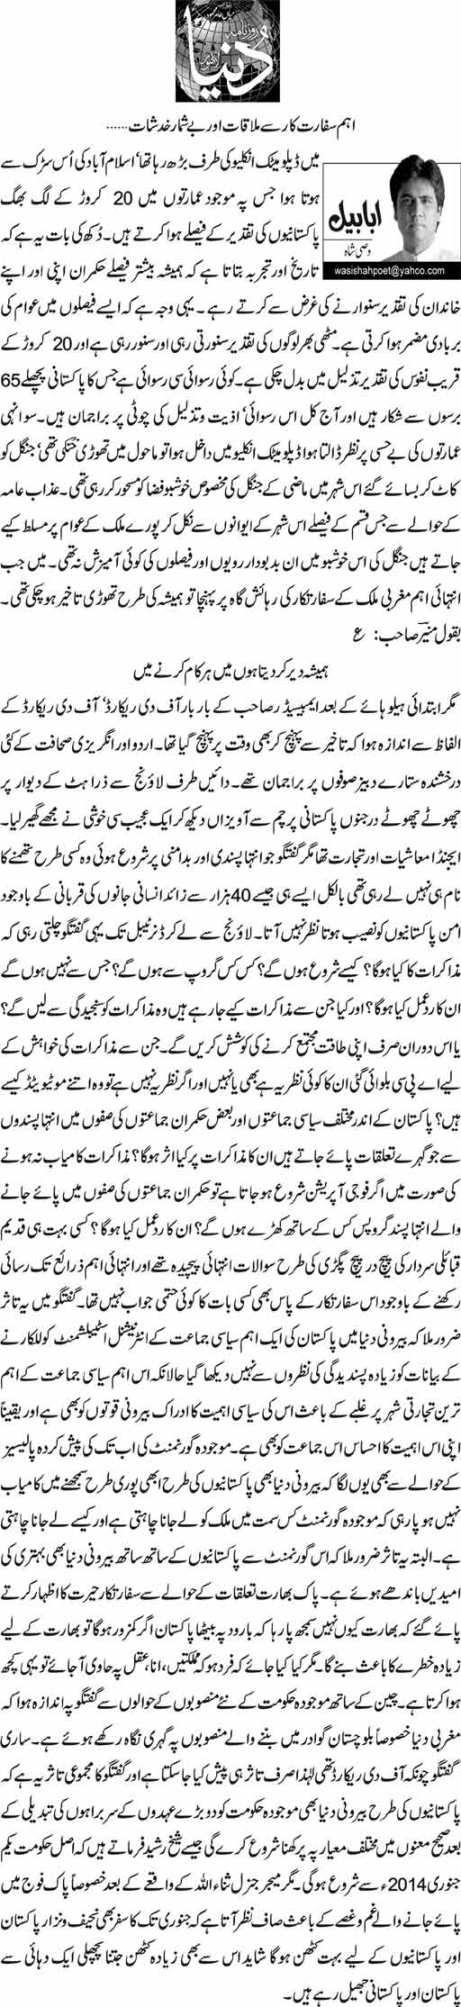 Eham Safaratkar Sy Mulakat Aur Be-Shumar Khidshat - Wasi Shah